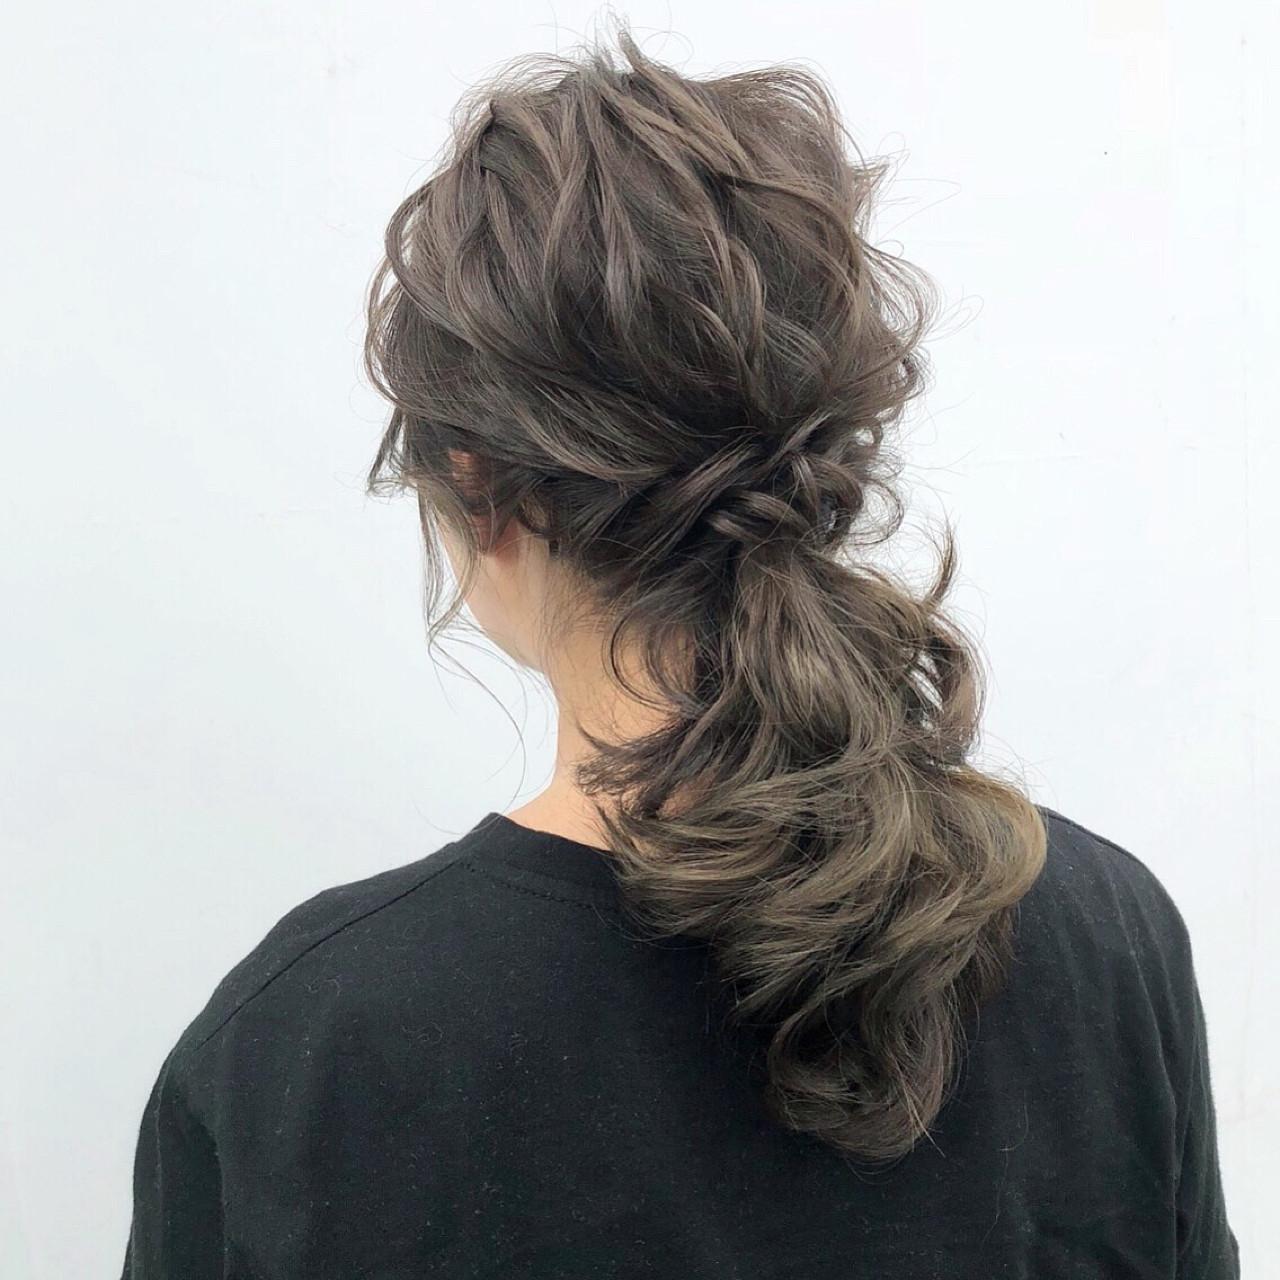 ゆる巻きローポニーテールはこなれ感抜群! hii.de@✂︎  gem.for hair藤崎店